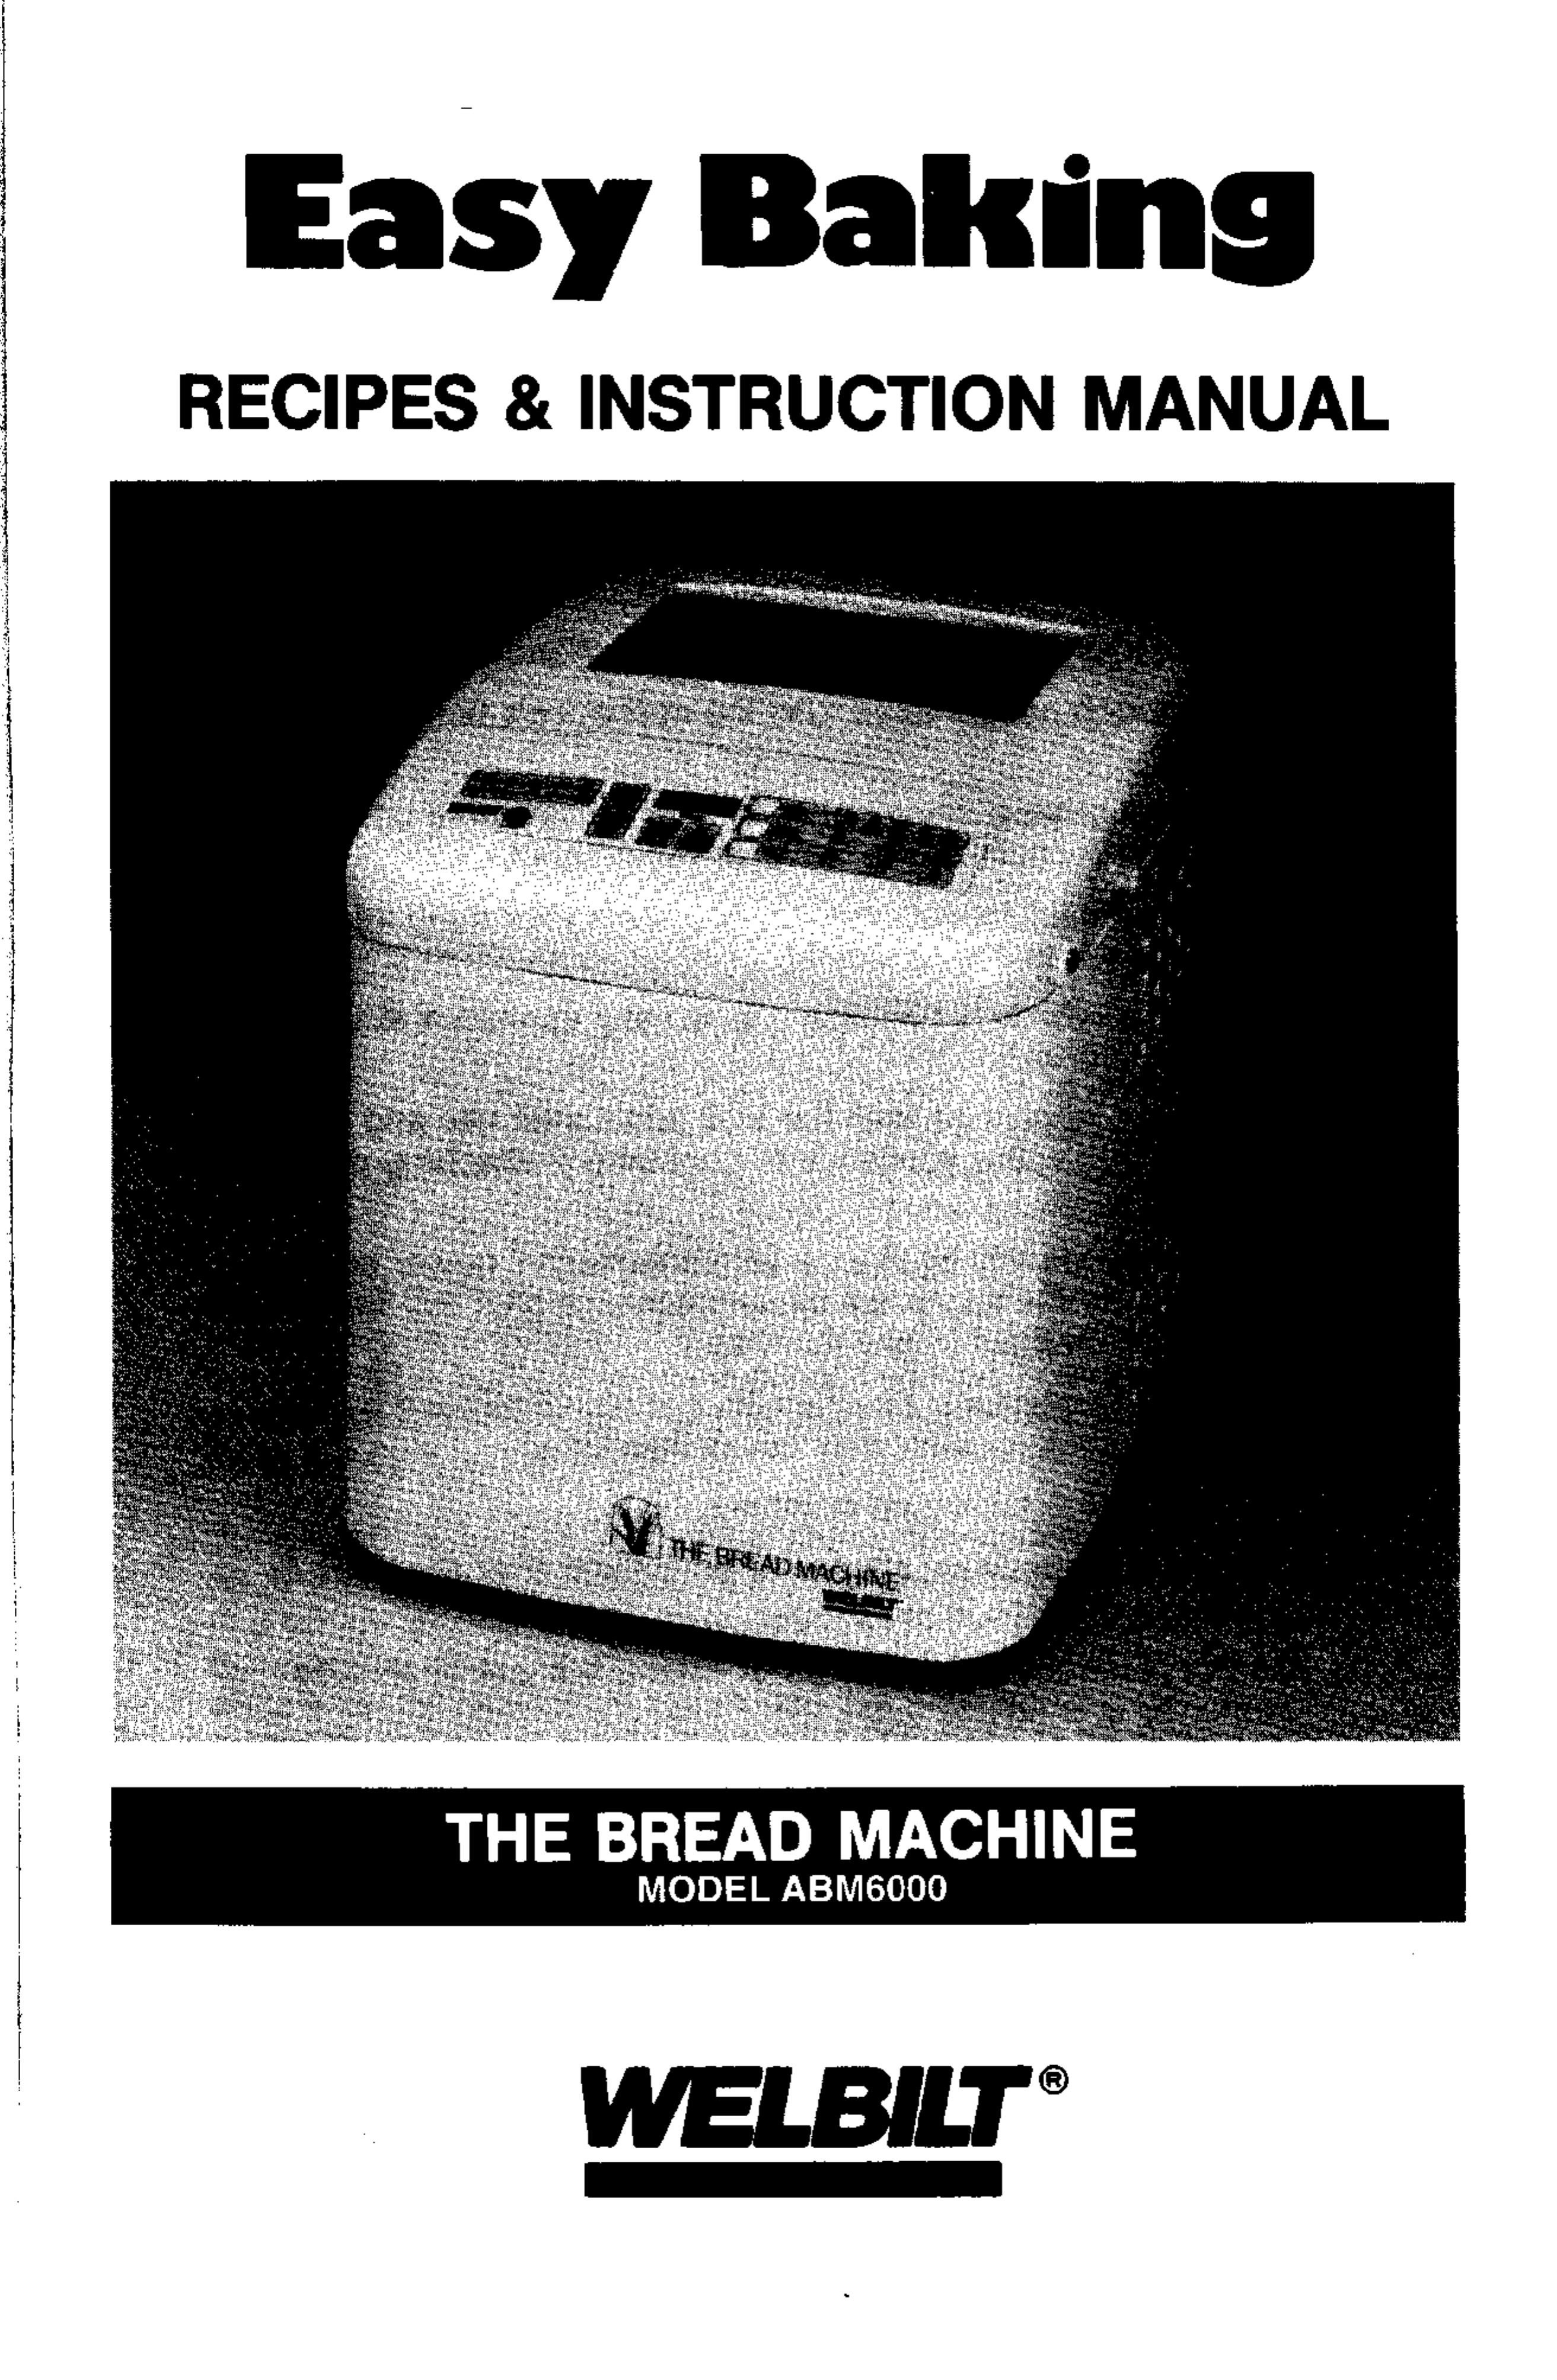 welbilt bread maker abm6000 user guide manualsonline com rh kitchen manualsonline com welbilt bread machine manuals 4800 welbilt bread machine manual abm3500